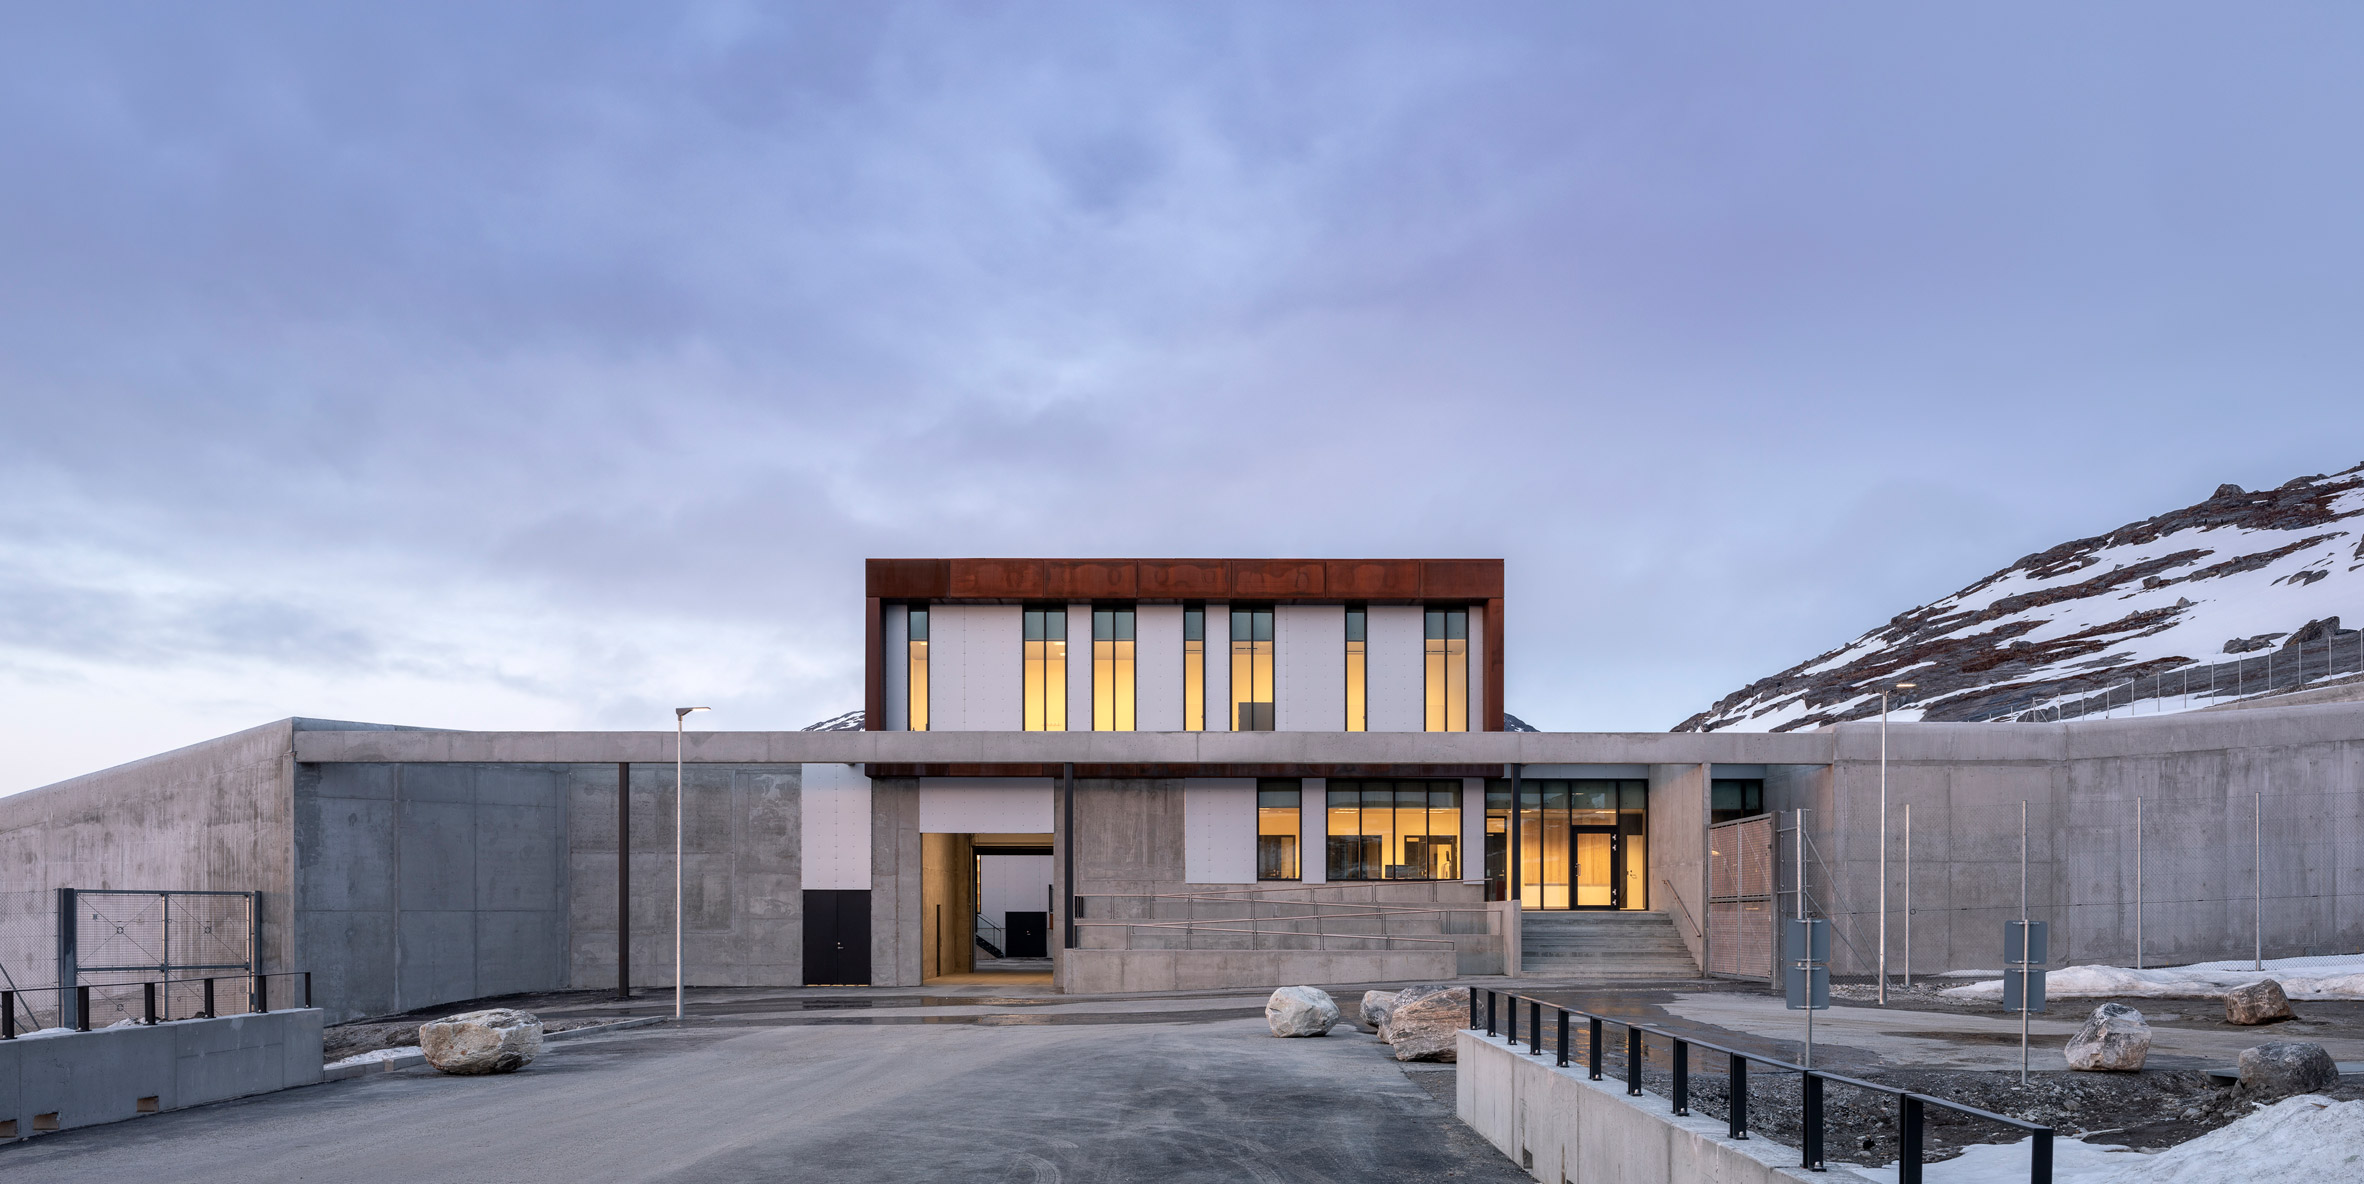 A concrete prison in Greenland